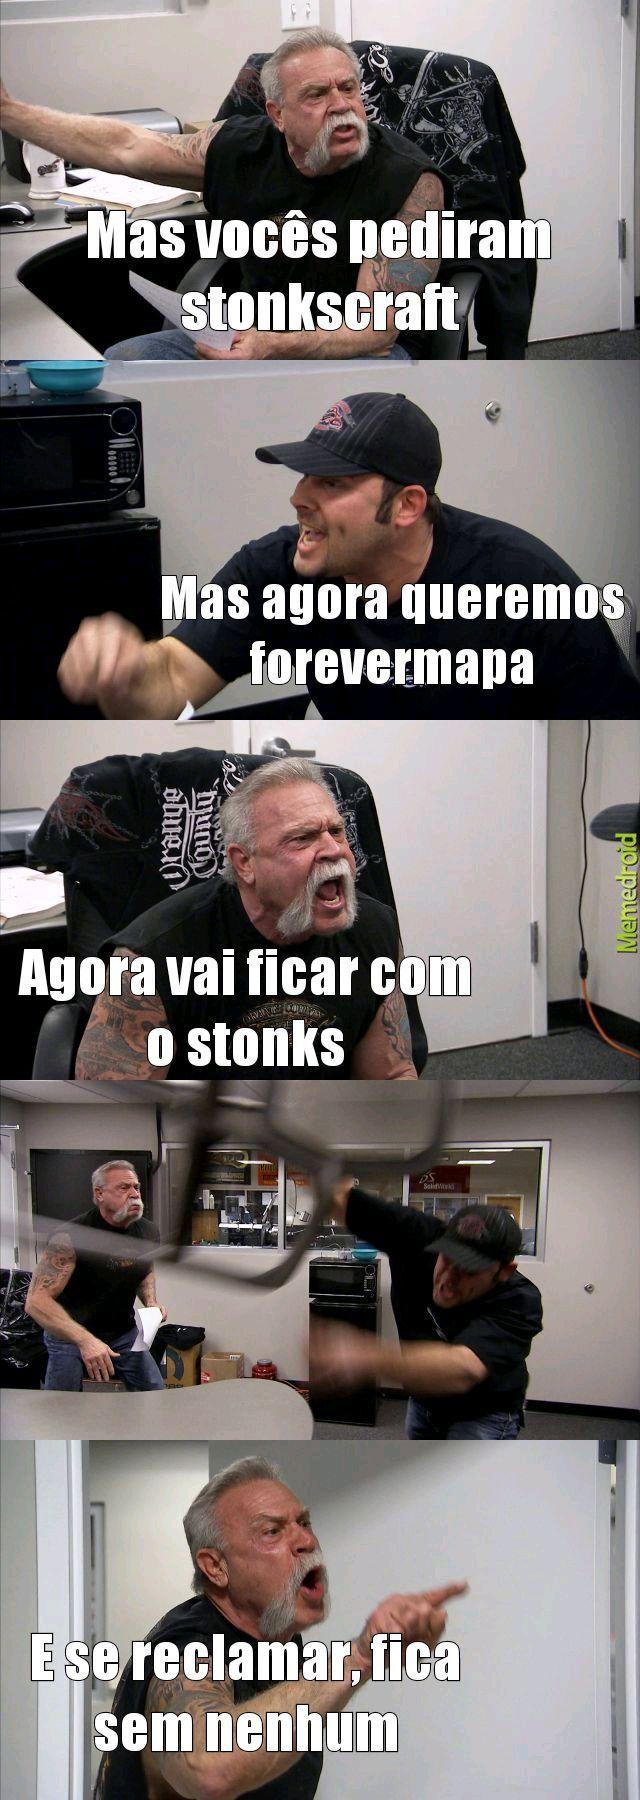 Cade forever mapa? - meme